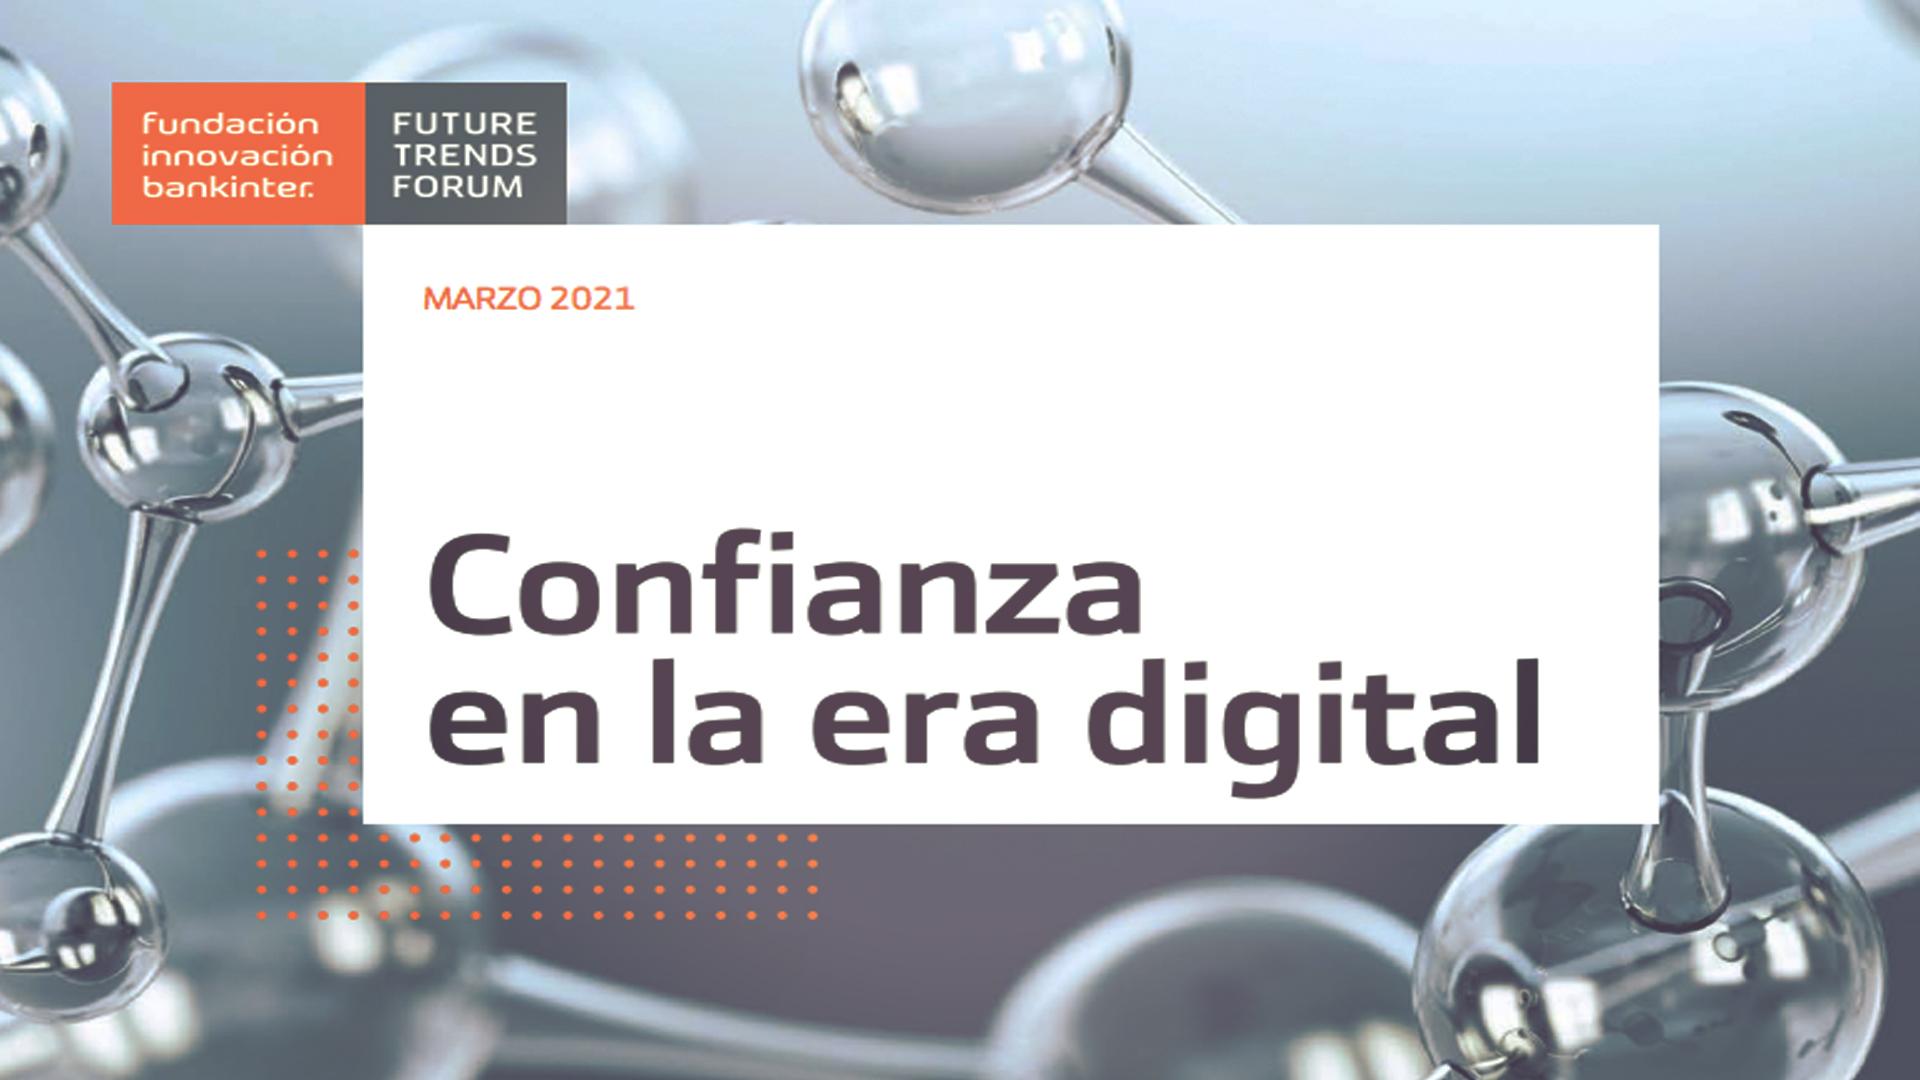 ¿Podemos reconstruir la confianza en la era digital? Nuevo informe de la Fundación Innovación Bankinter